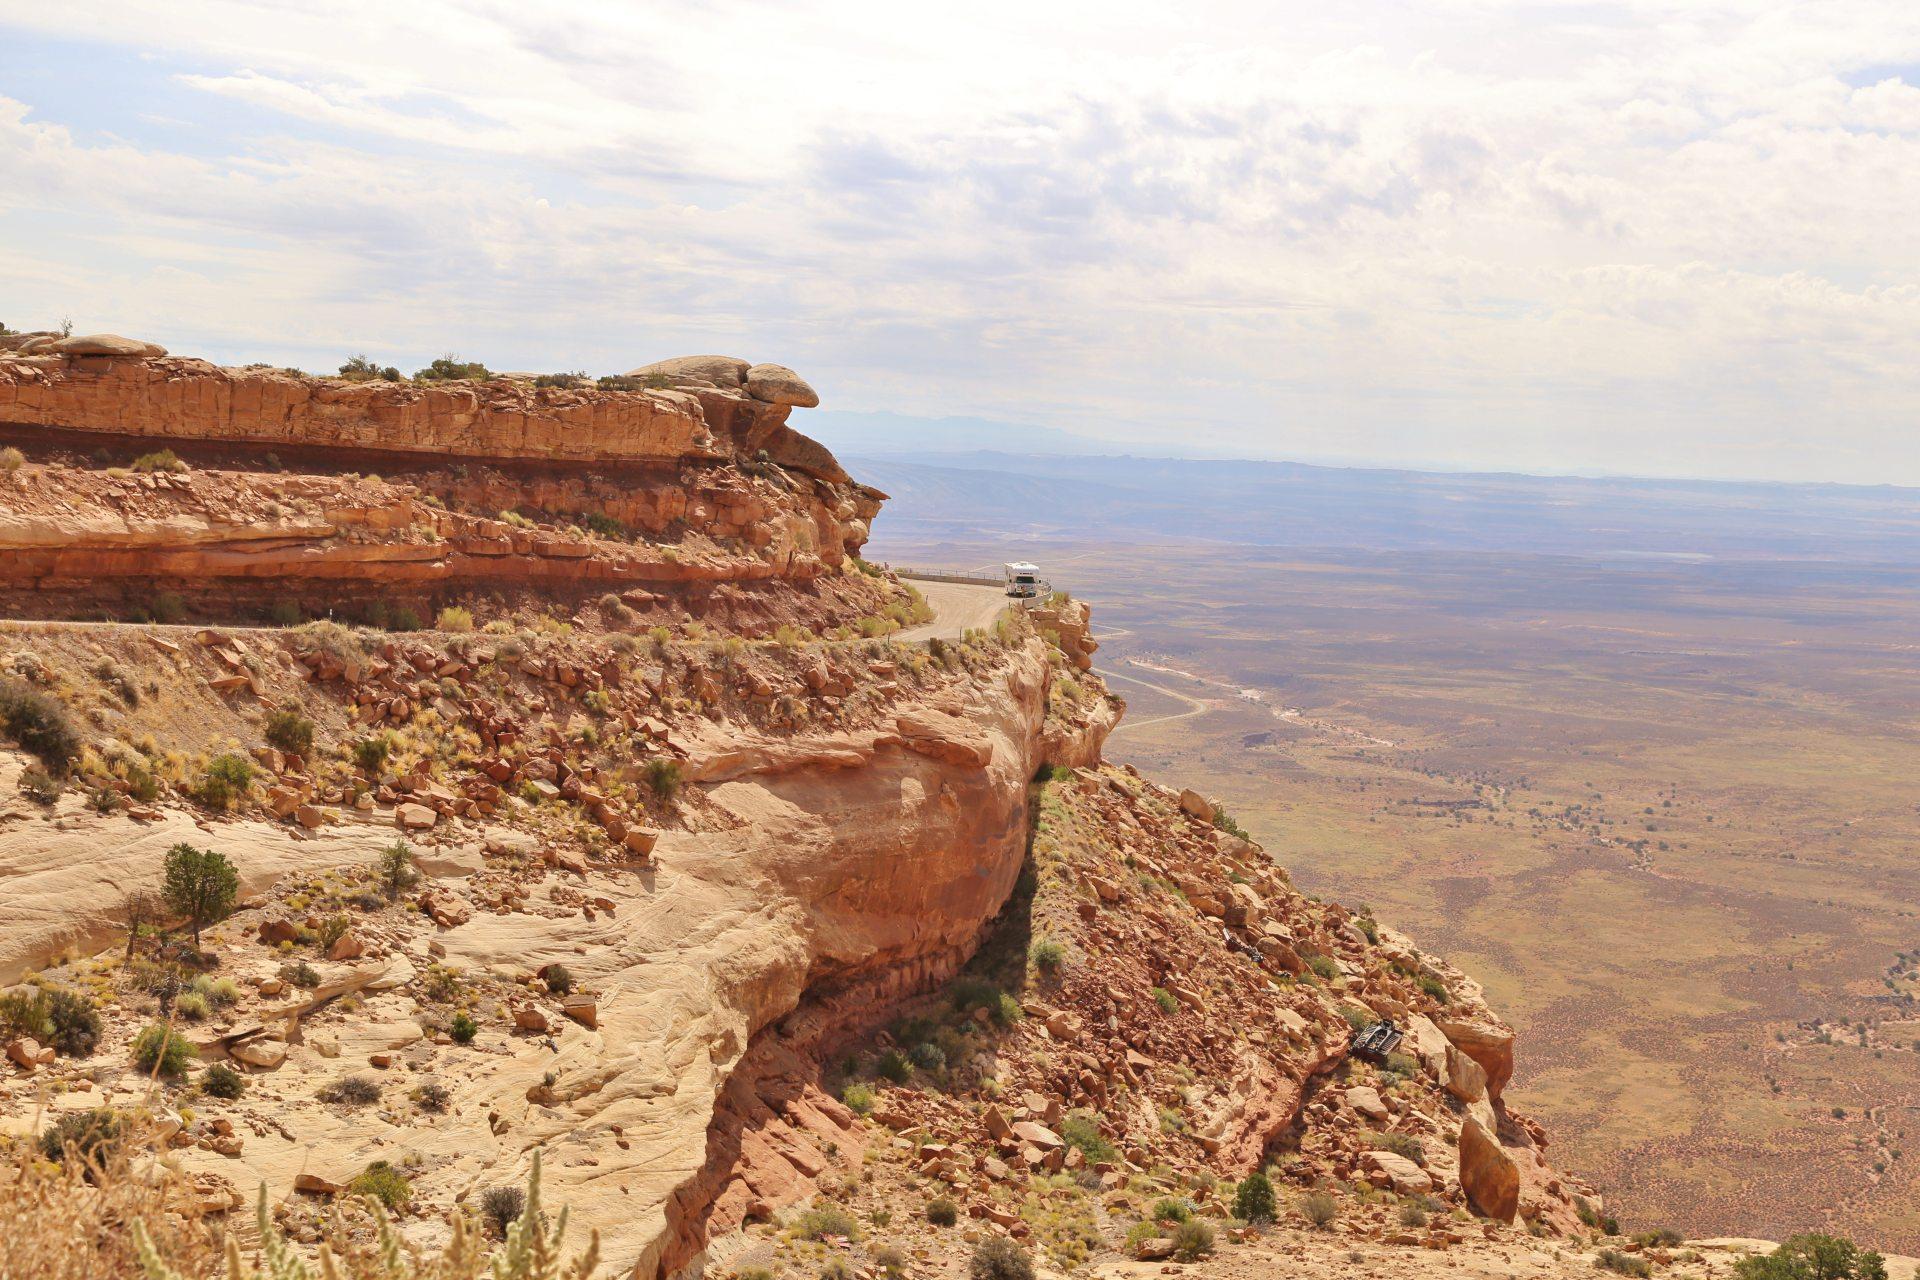 Hoffentlich kommen alle heil hinunter! - Aussicht, Erosion, Fernsicht, Geologie, Himmel, Landschaft, Moki Dugway, Natur, Panorama, Sandstein, Sandsteinformationen, Utah, Wolken, Wüstenlandschaft - (Mexican Hat, Utah, Vereinigte Staaten)